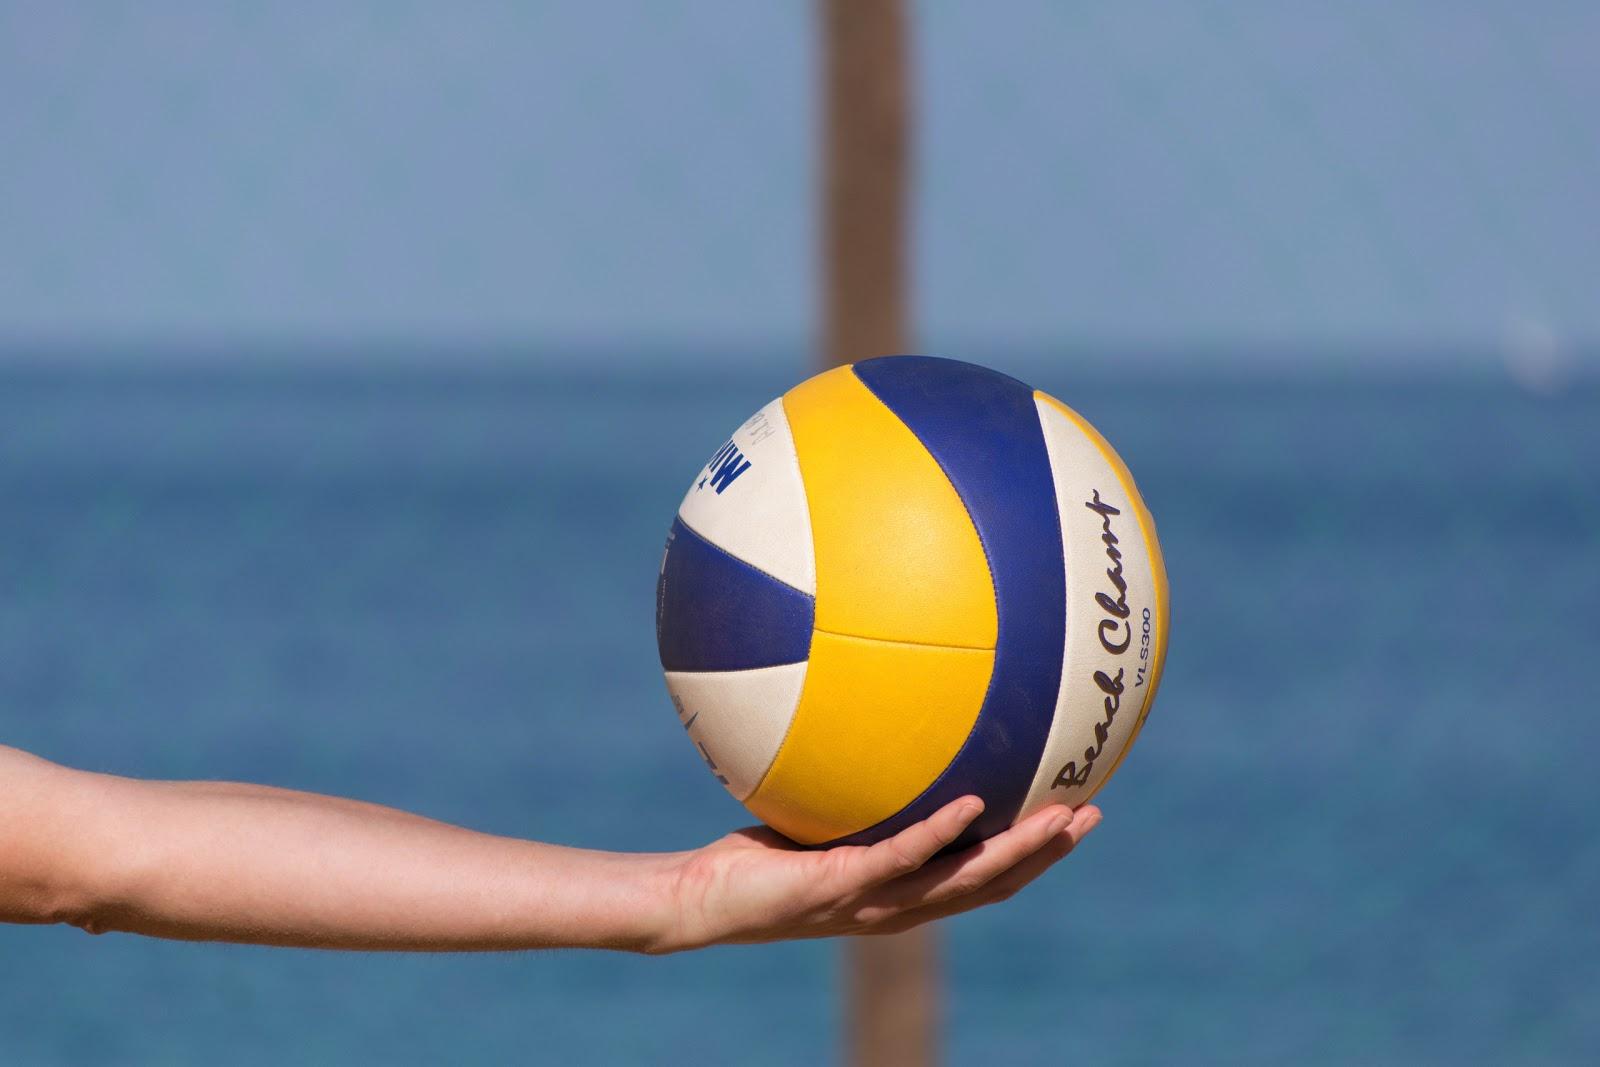 4th beach Cup 2015-2016